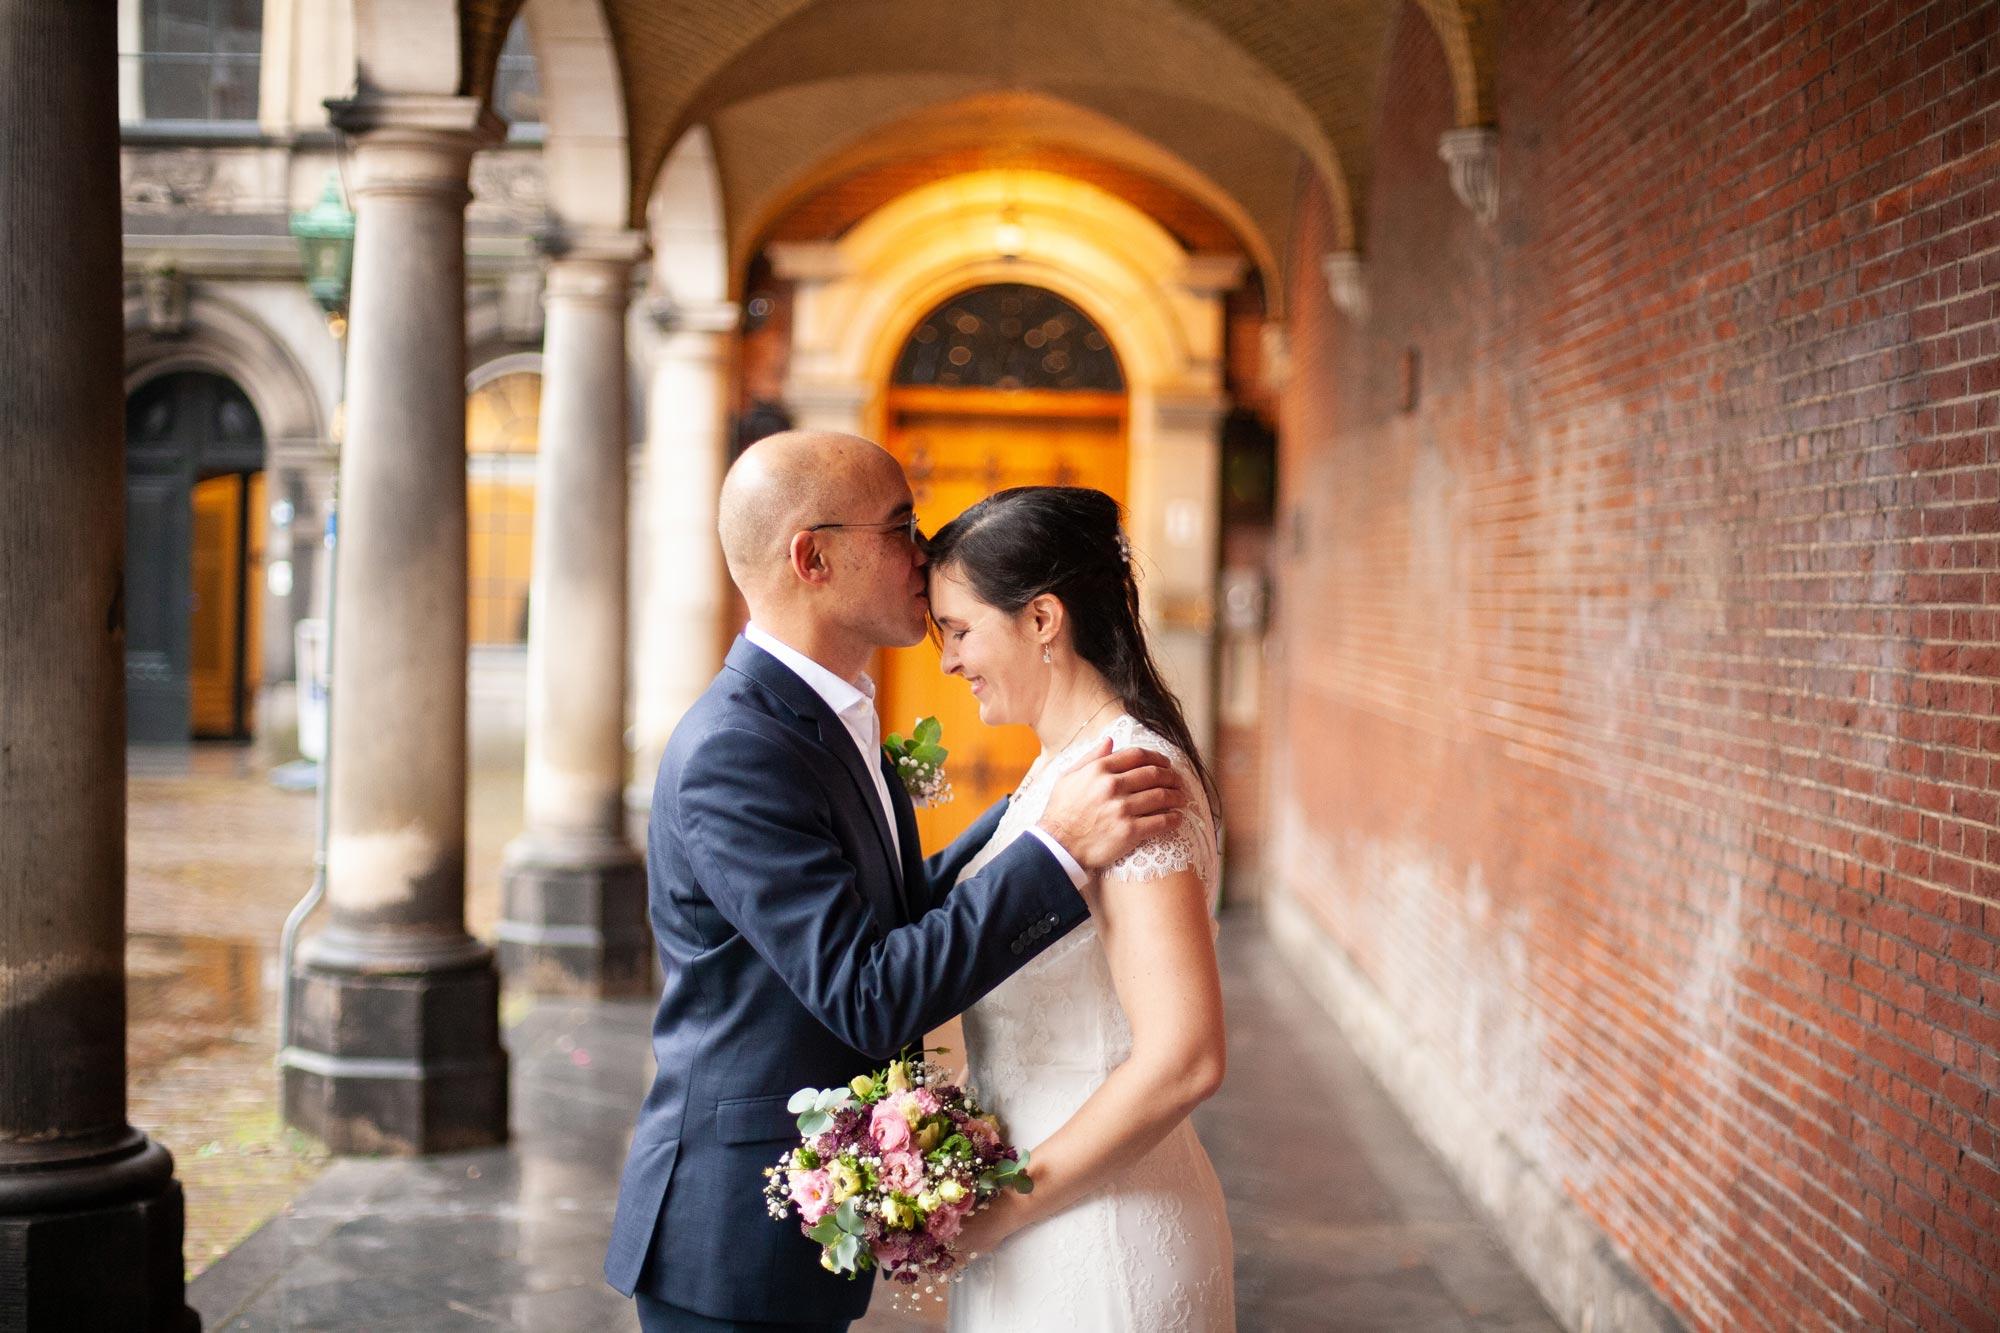 Trouwfoto's Binnenhof Den Haag trouwreportage met regen